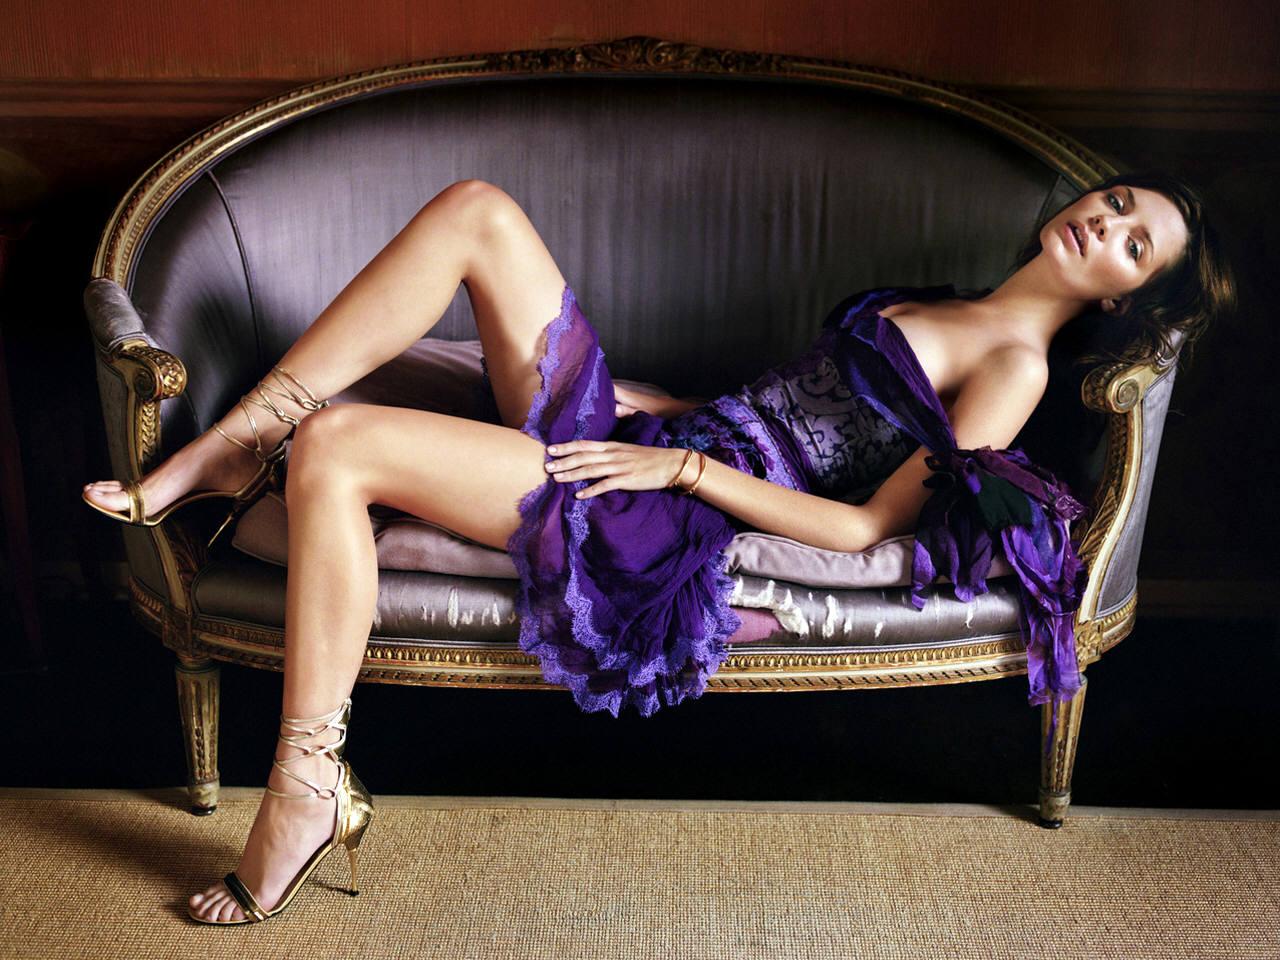 http://3.bp.blogspot.com/_iWmwFx3gc4Y/THGbJzq0-9I/AAAAAAAAD4U/-_0luwFNRKg/s1600/Mischa-Barton-Hot-Sexy.jpg